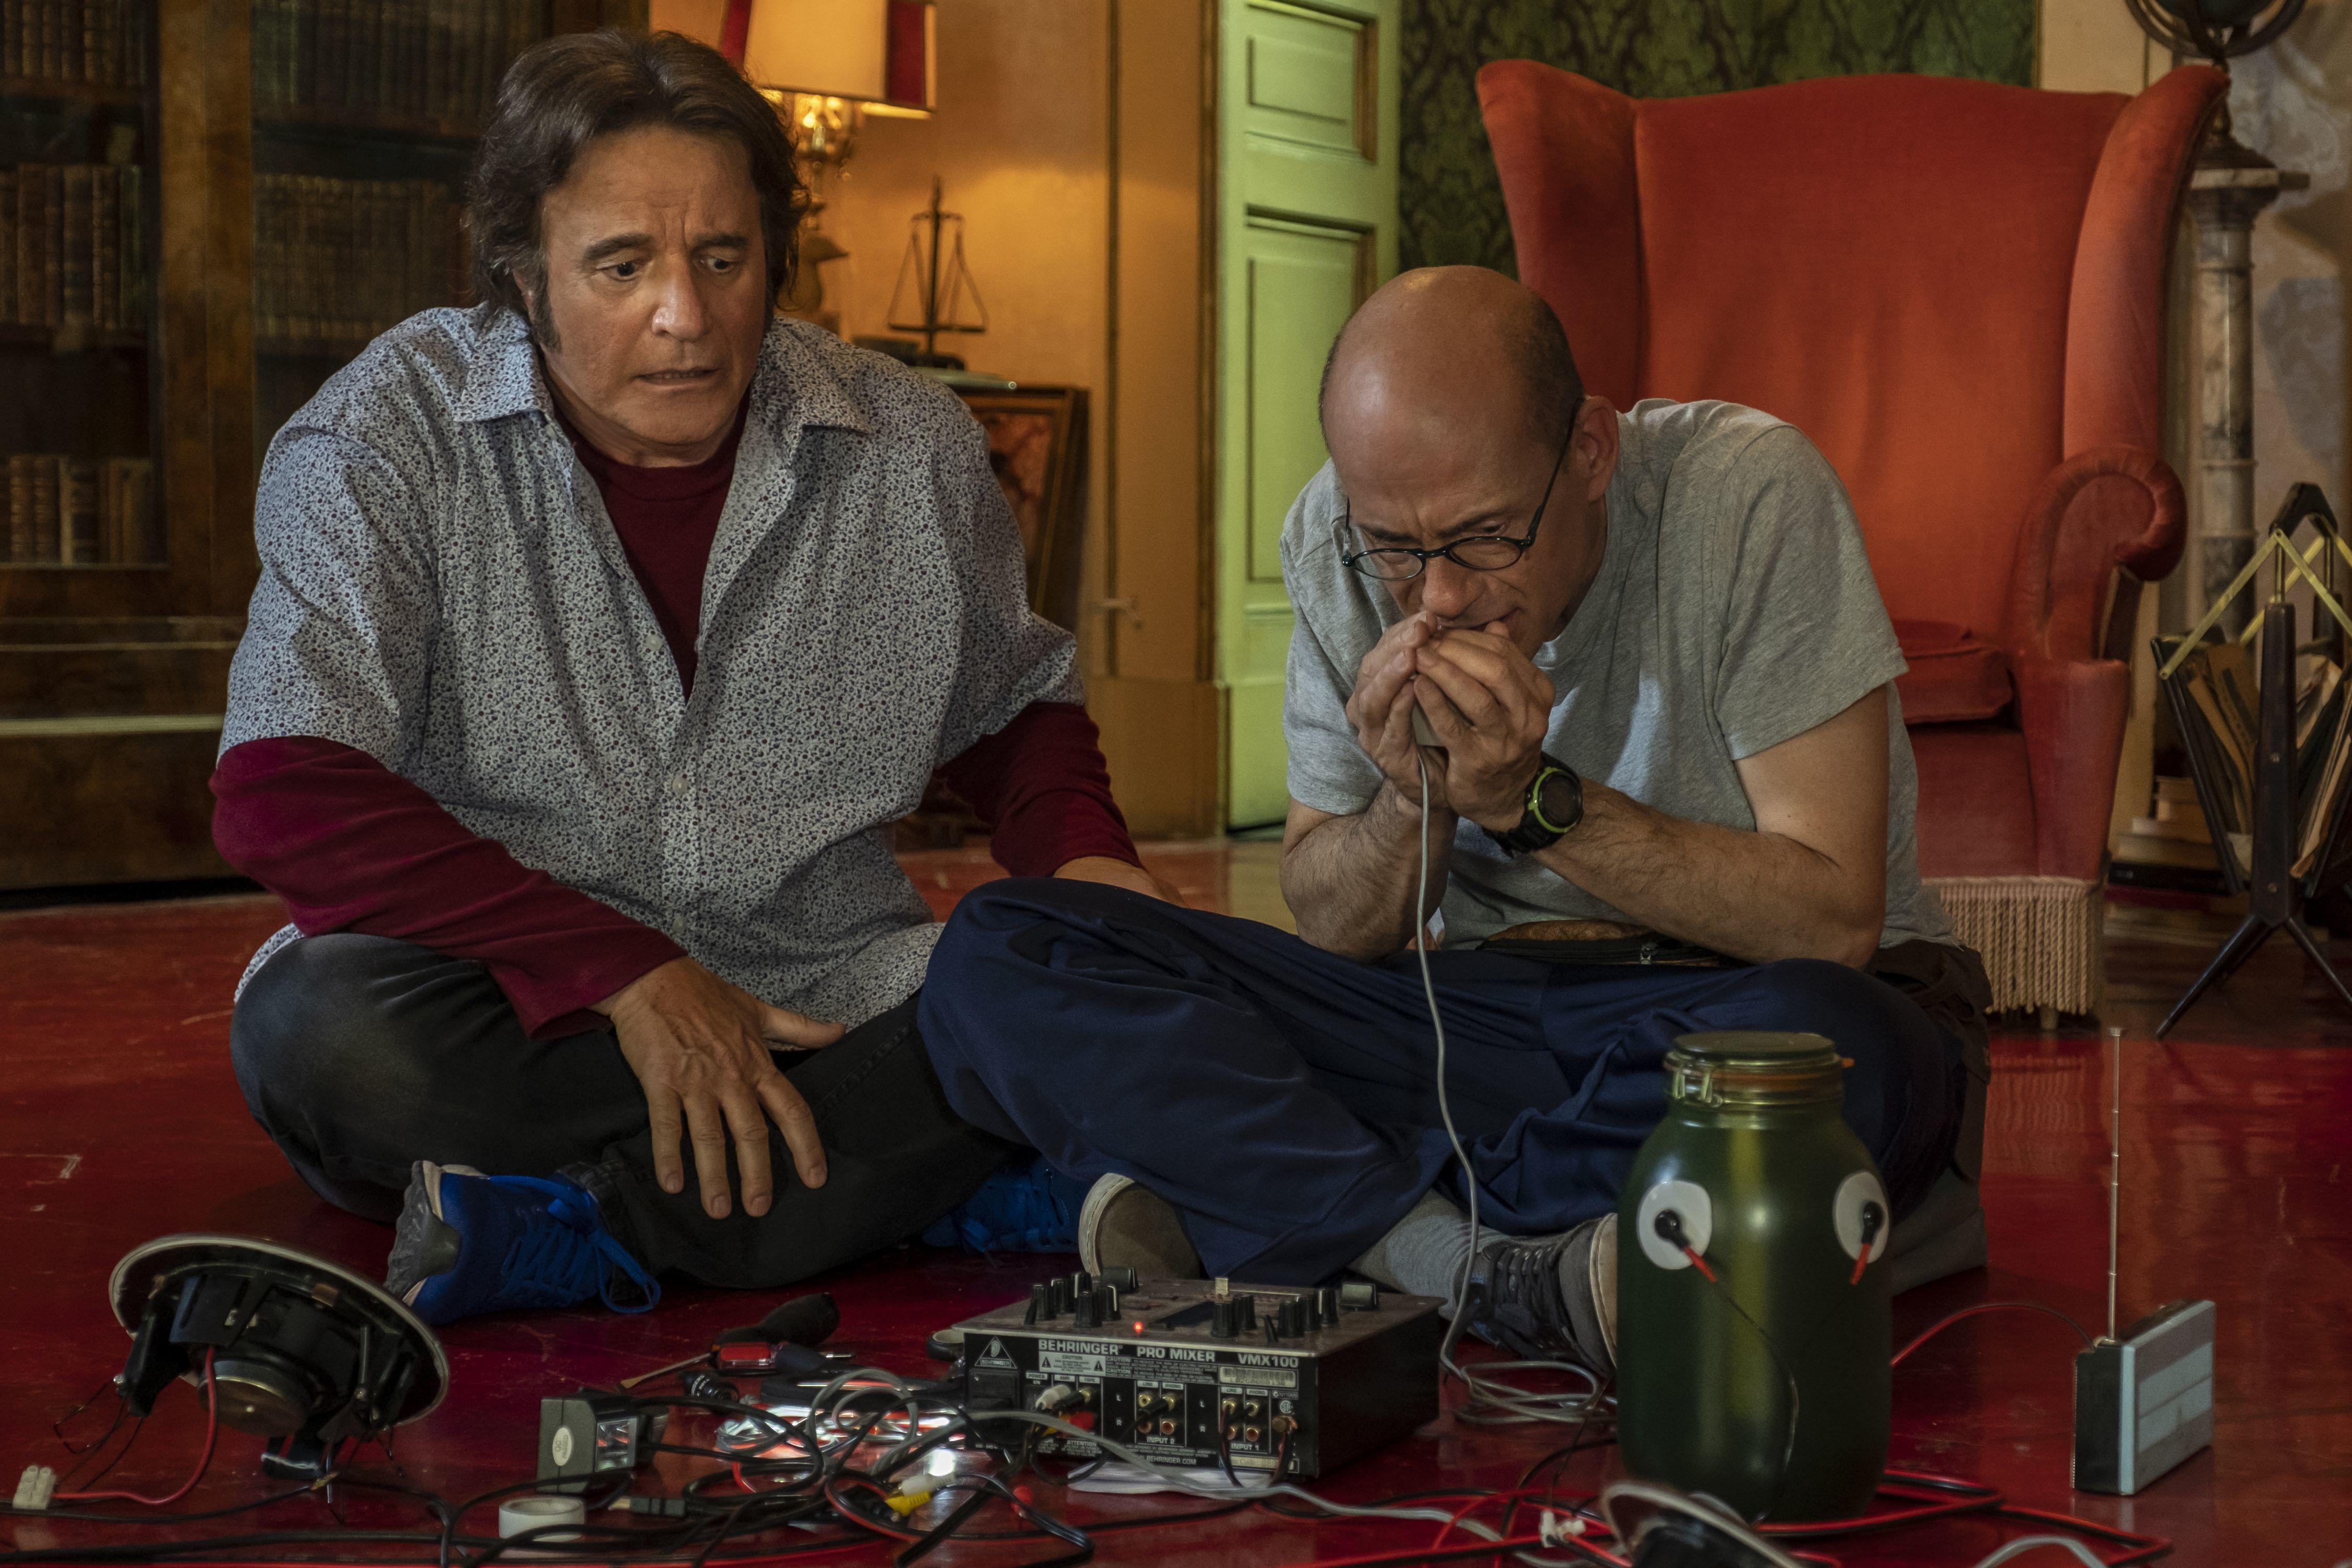 Tre fratelli improbabili - De Sica, Buccirosso, Tognazzi - senza un soldo e con un'idea geniale: la Paranormal Investigation